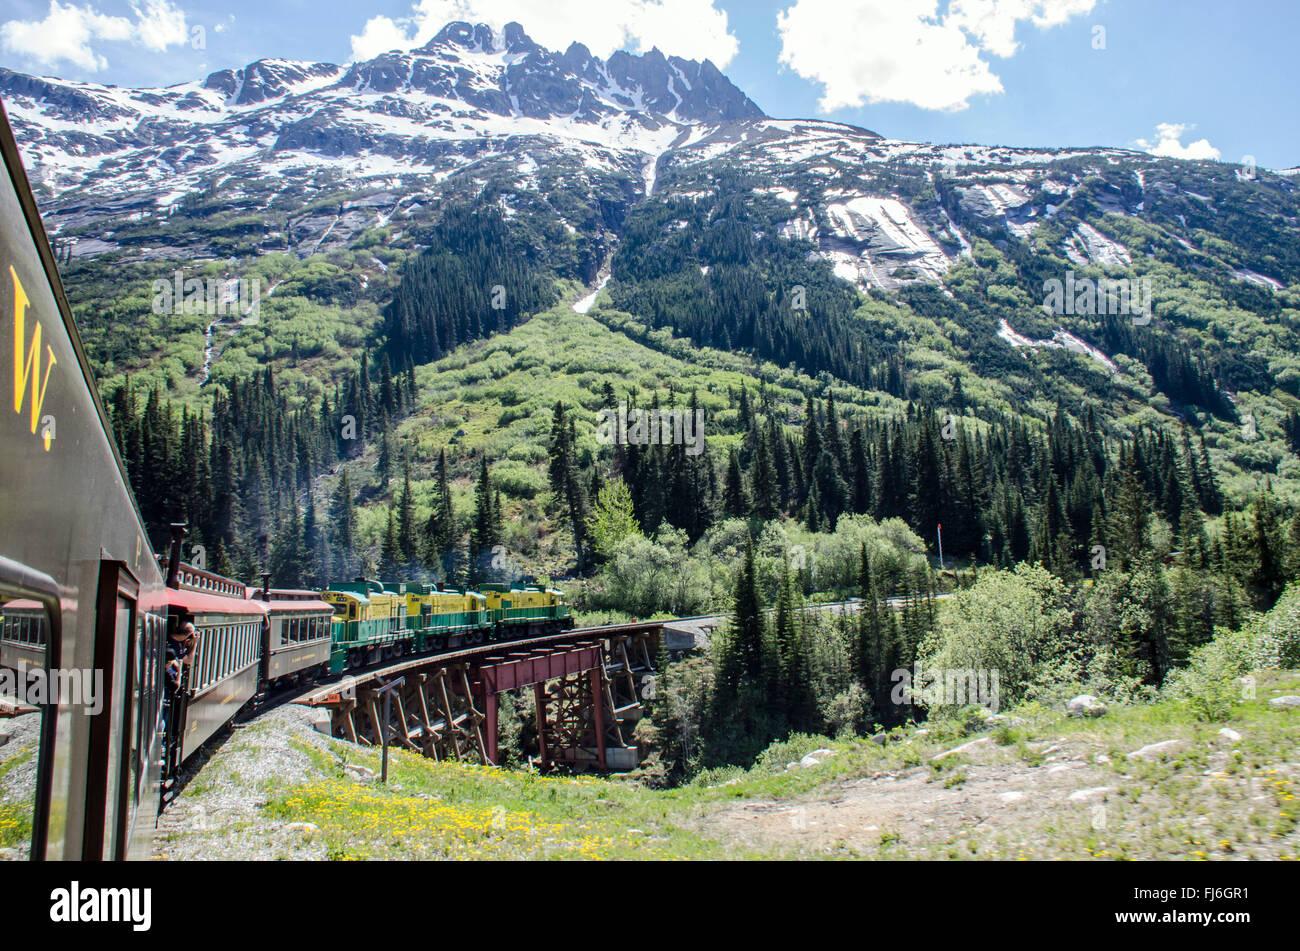 White Pass & Yukon Route Railroad heading towards Skagway, Alaska - Stock Image